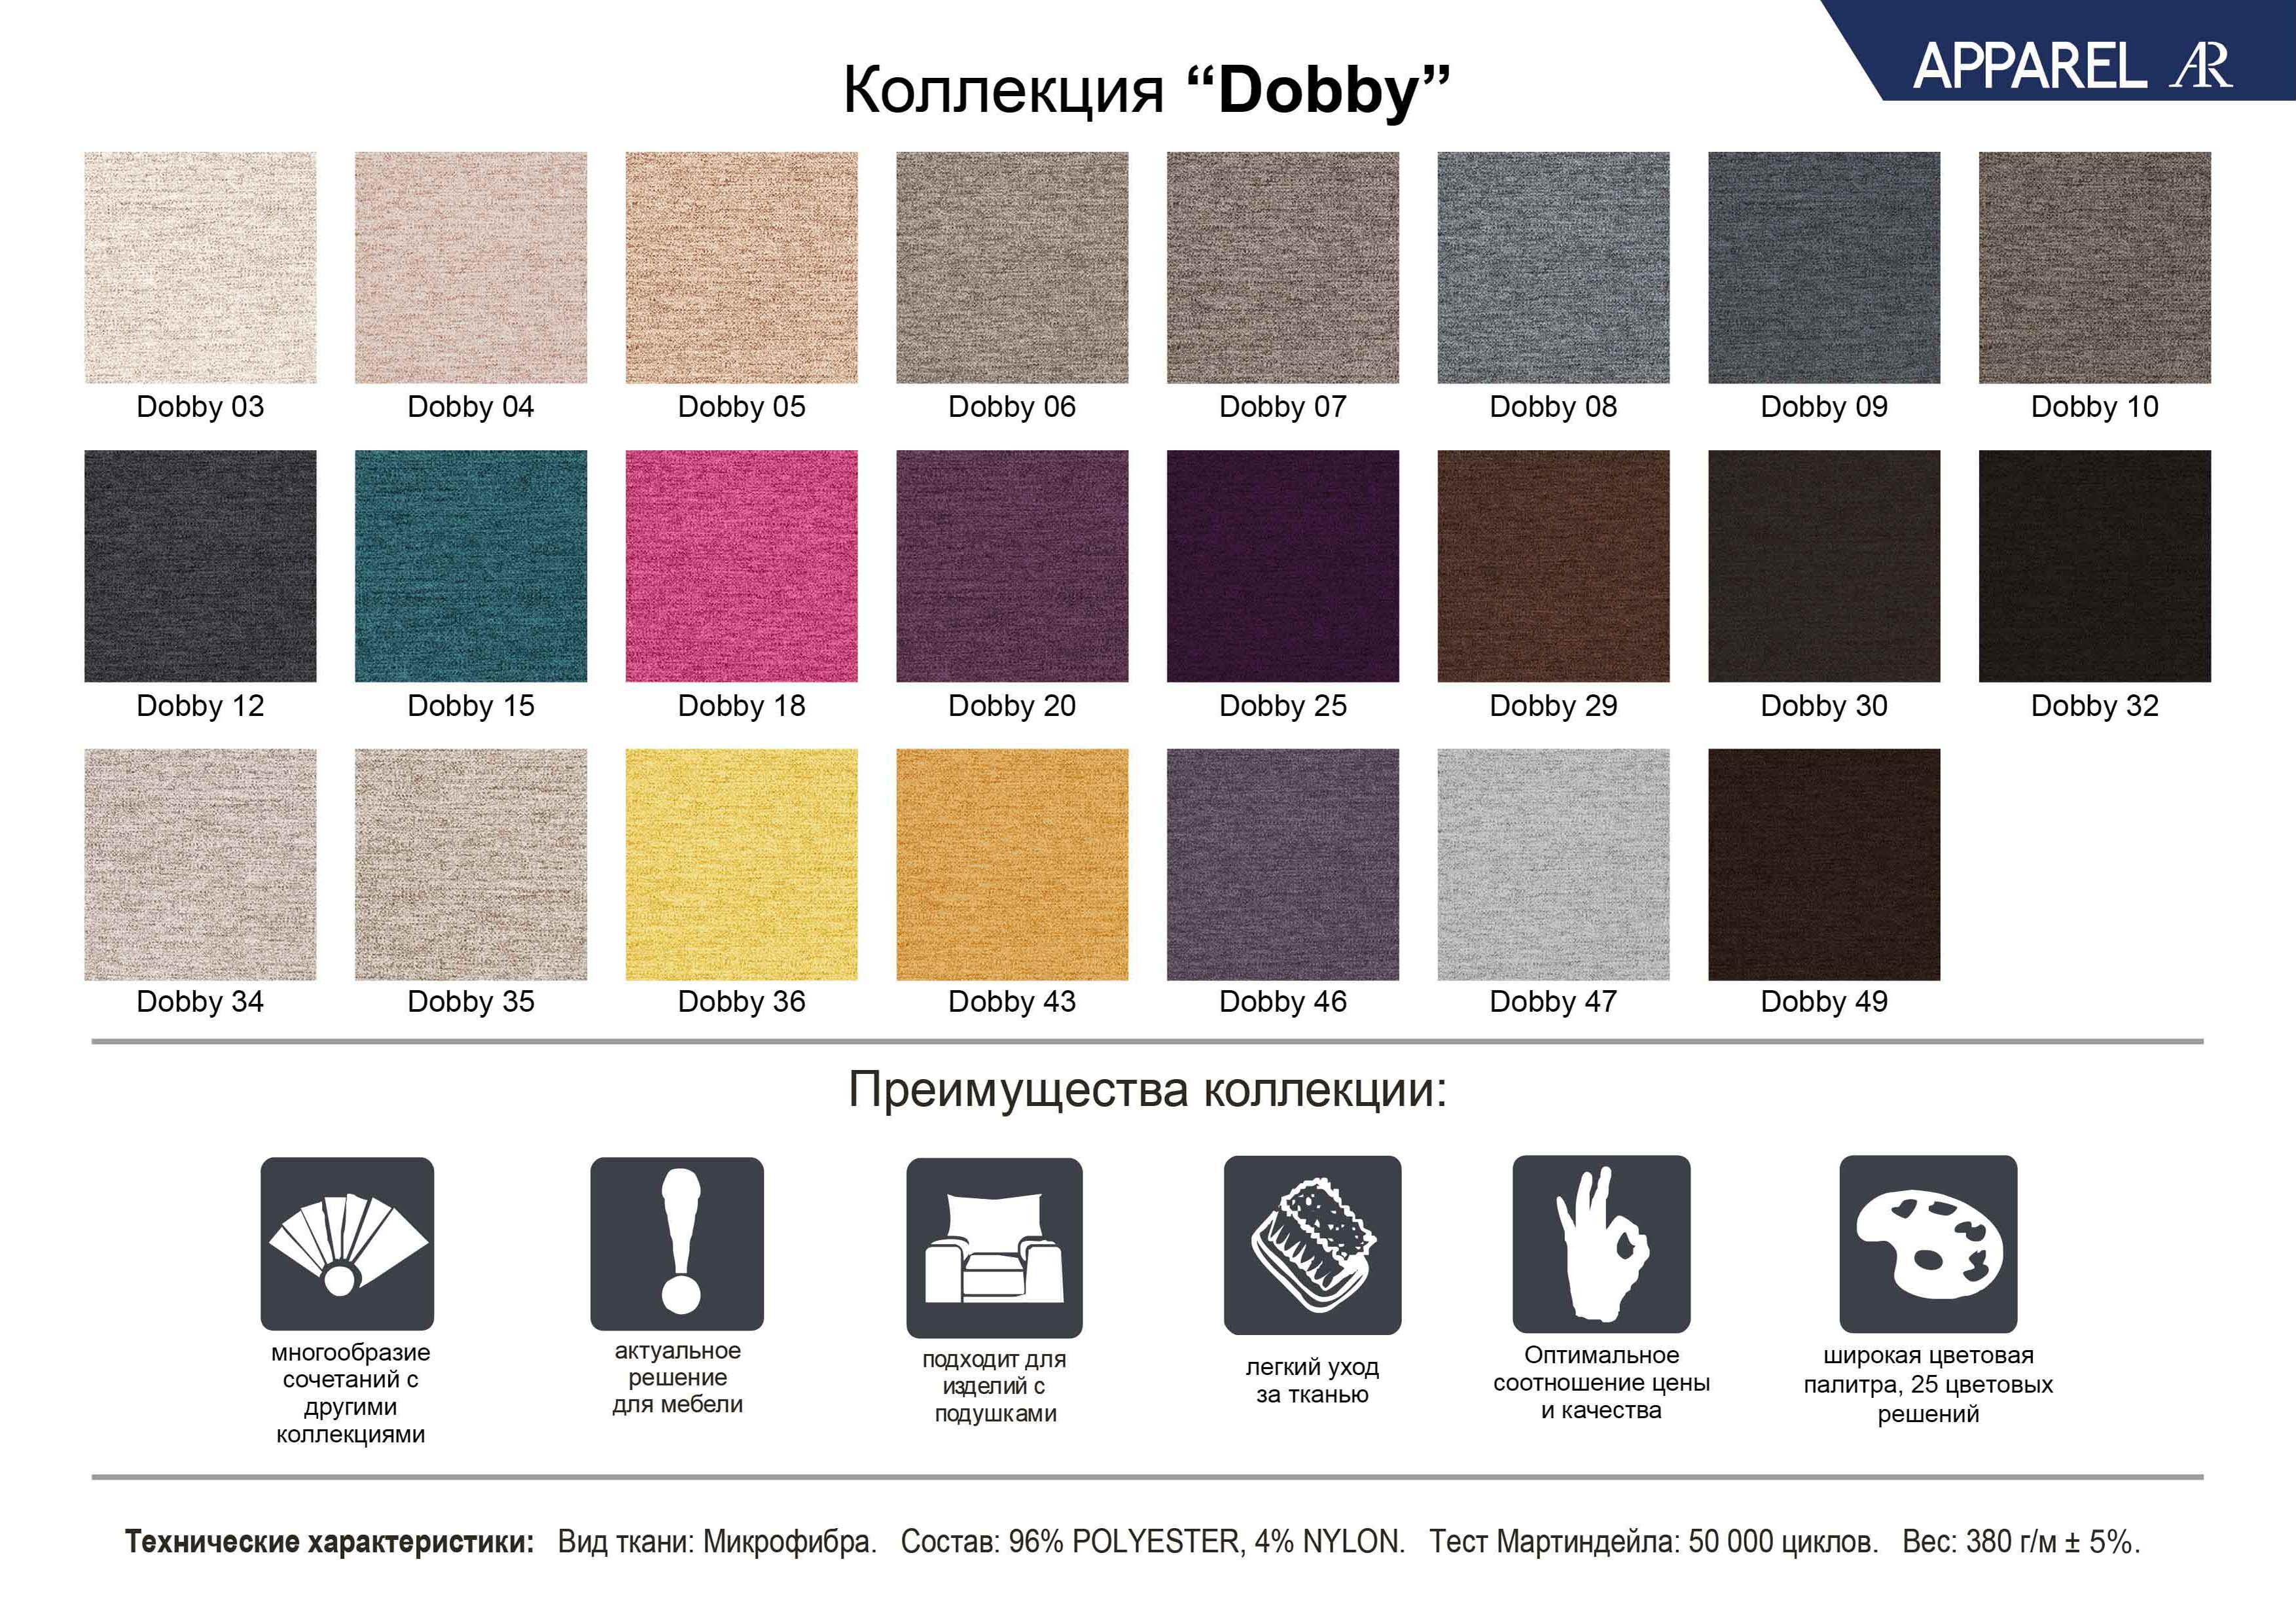 Картинки по запросу apparel dobby